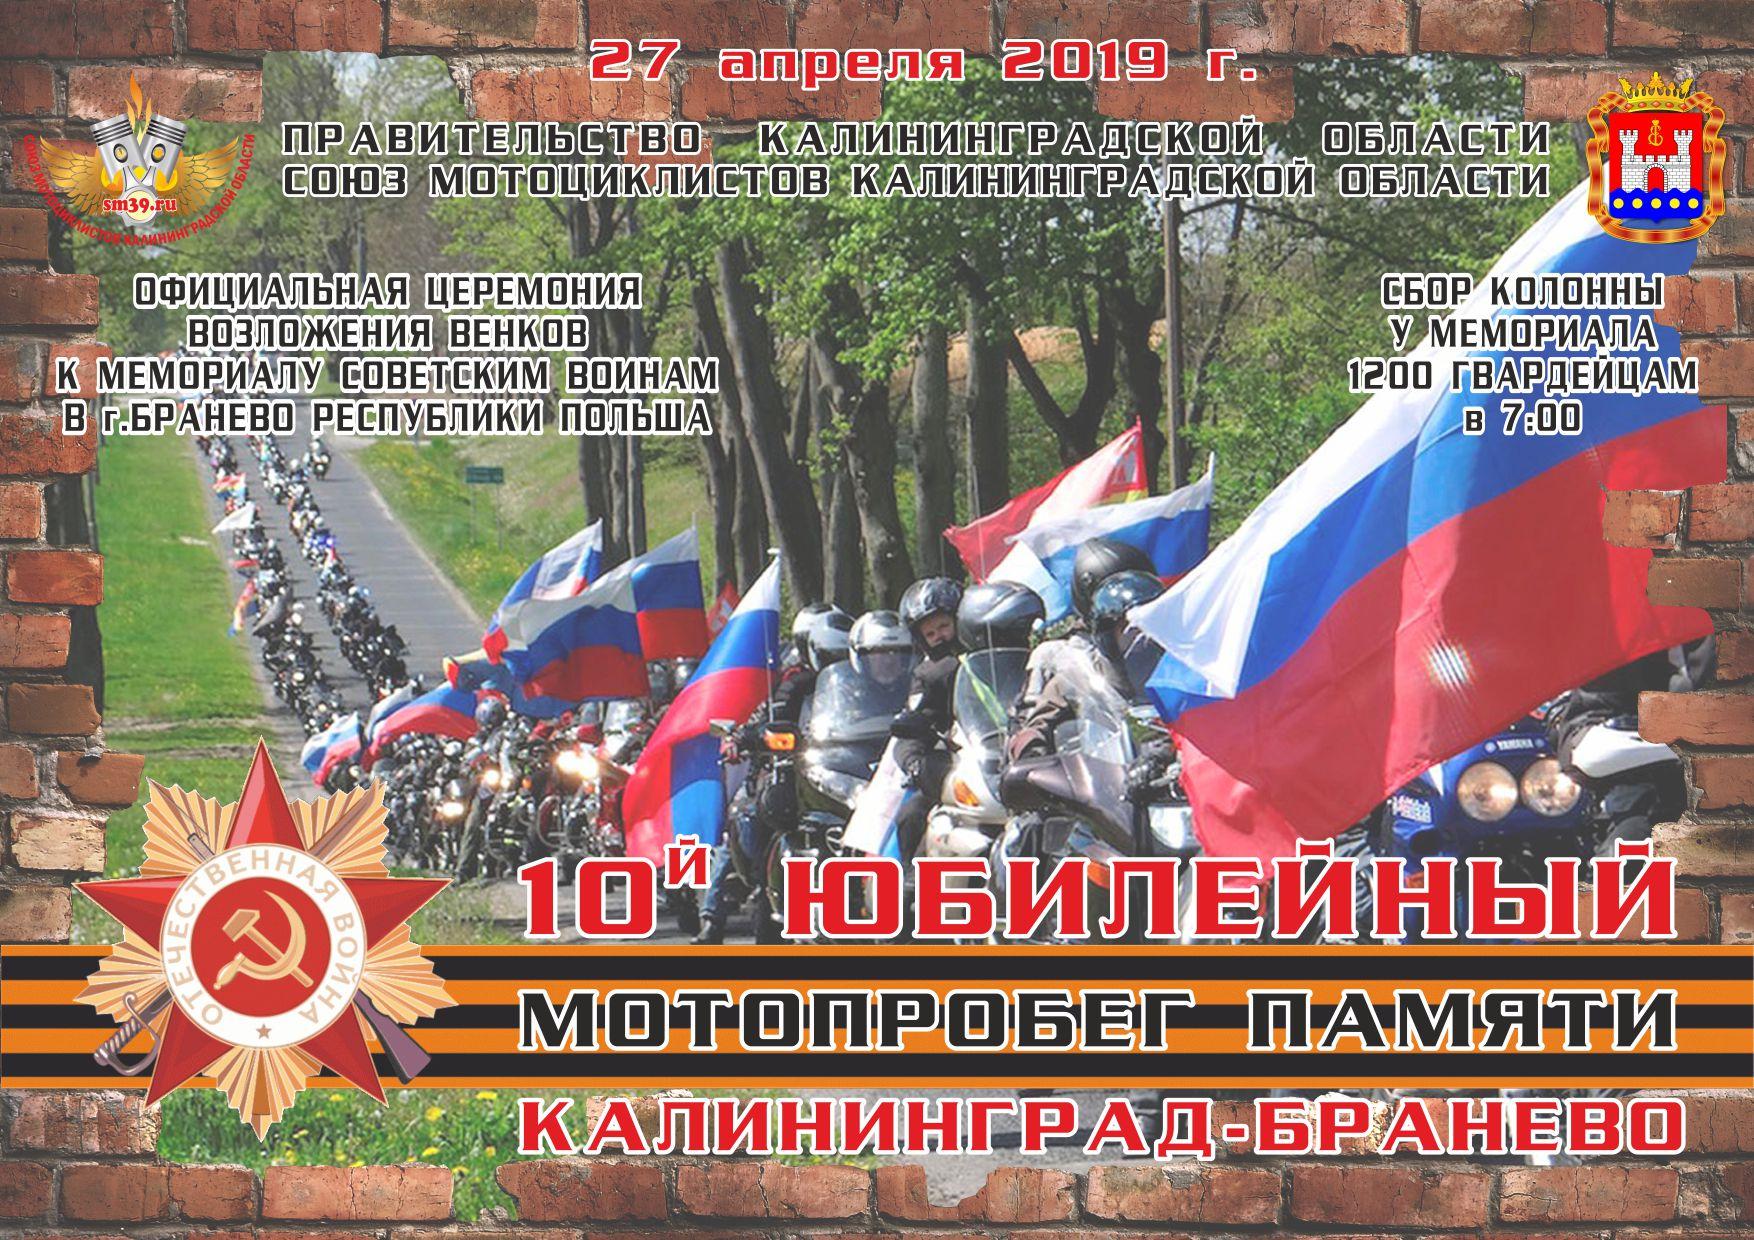 27 апреля 2019 г. выезд в г.Бранево на возложение цветов и венков к мемориалу павшим советским воинам в Великой Отечественной войне.